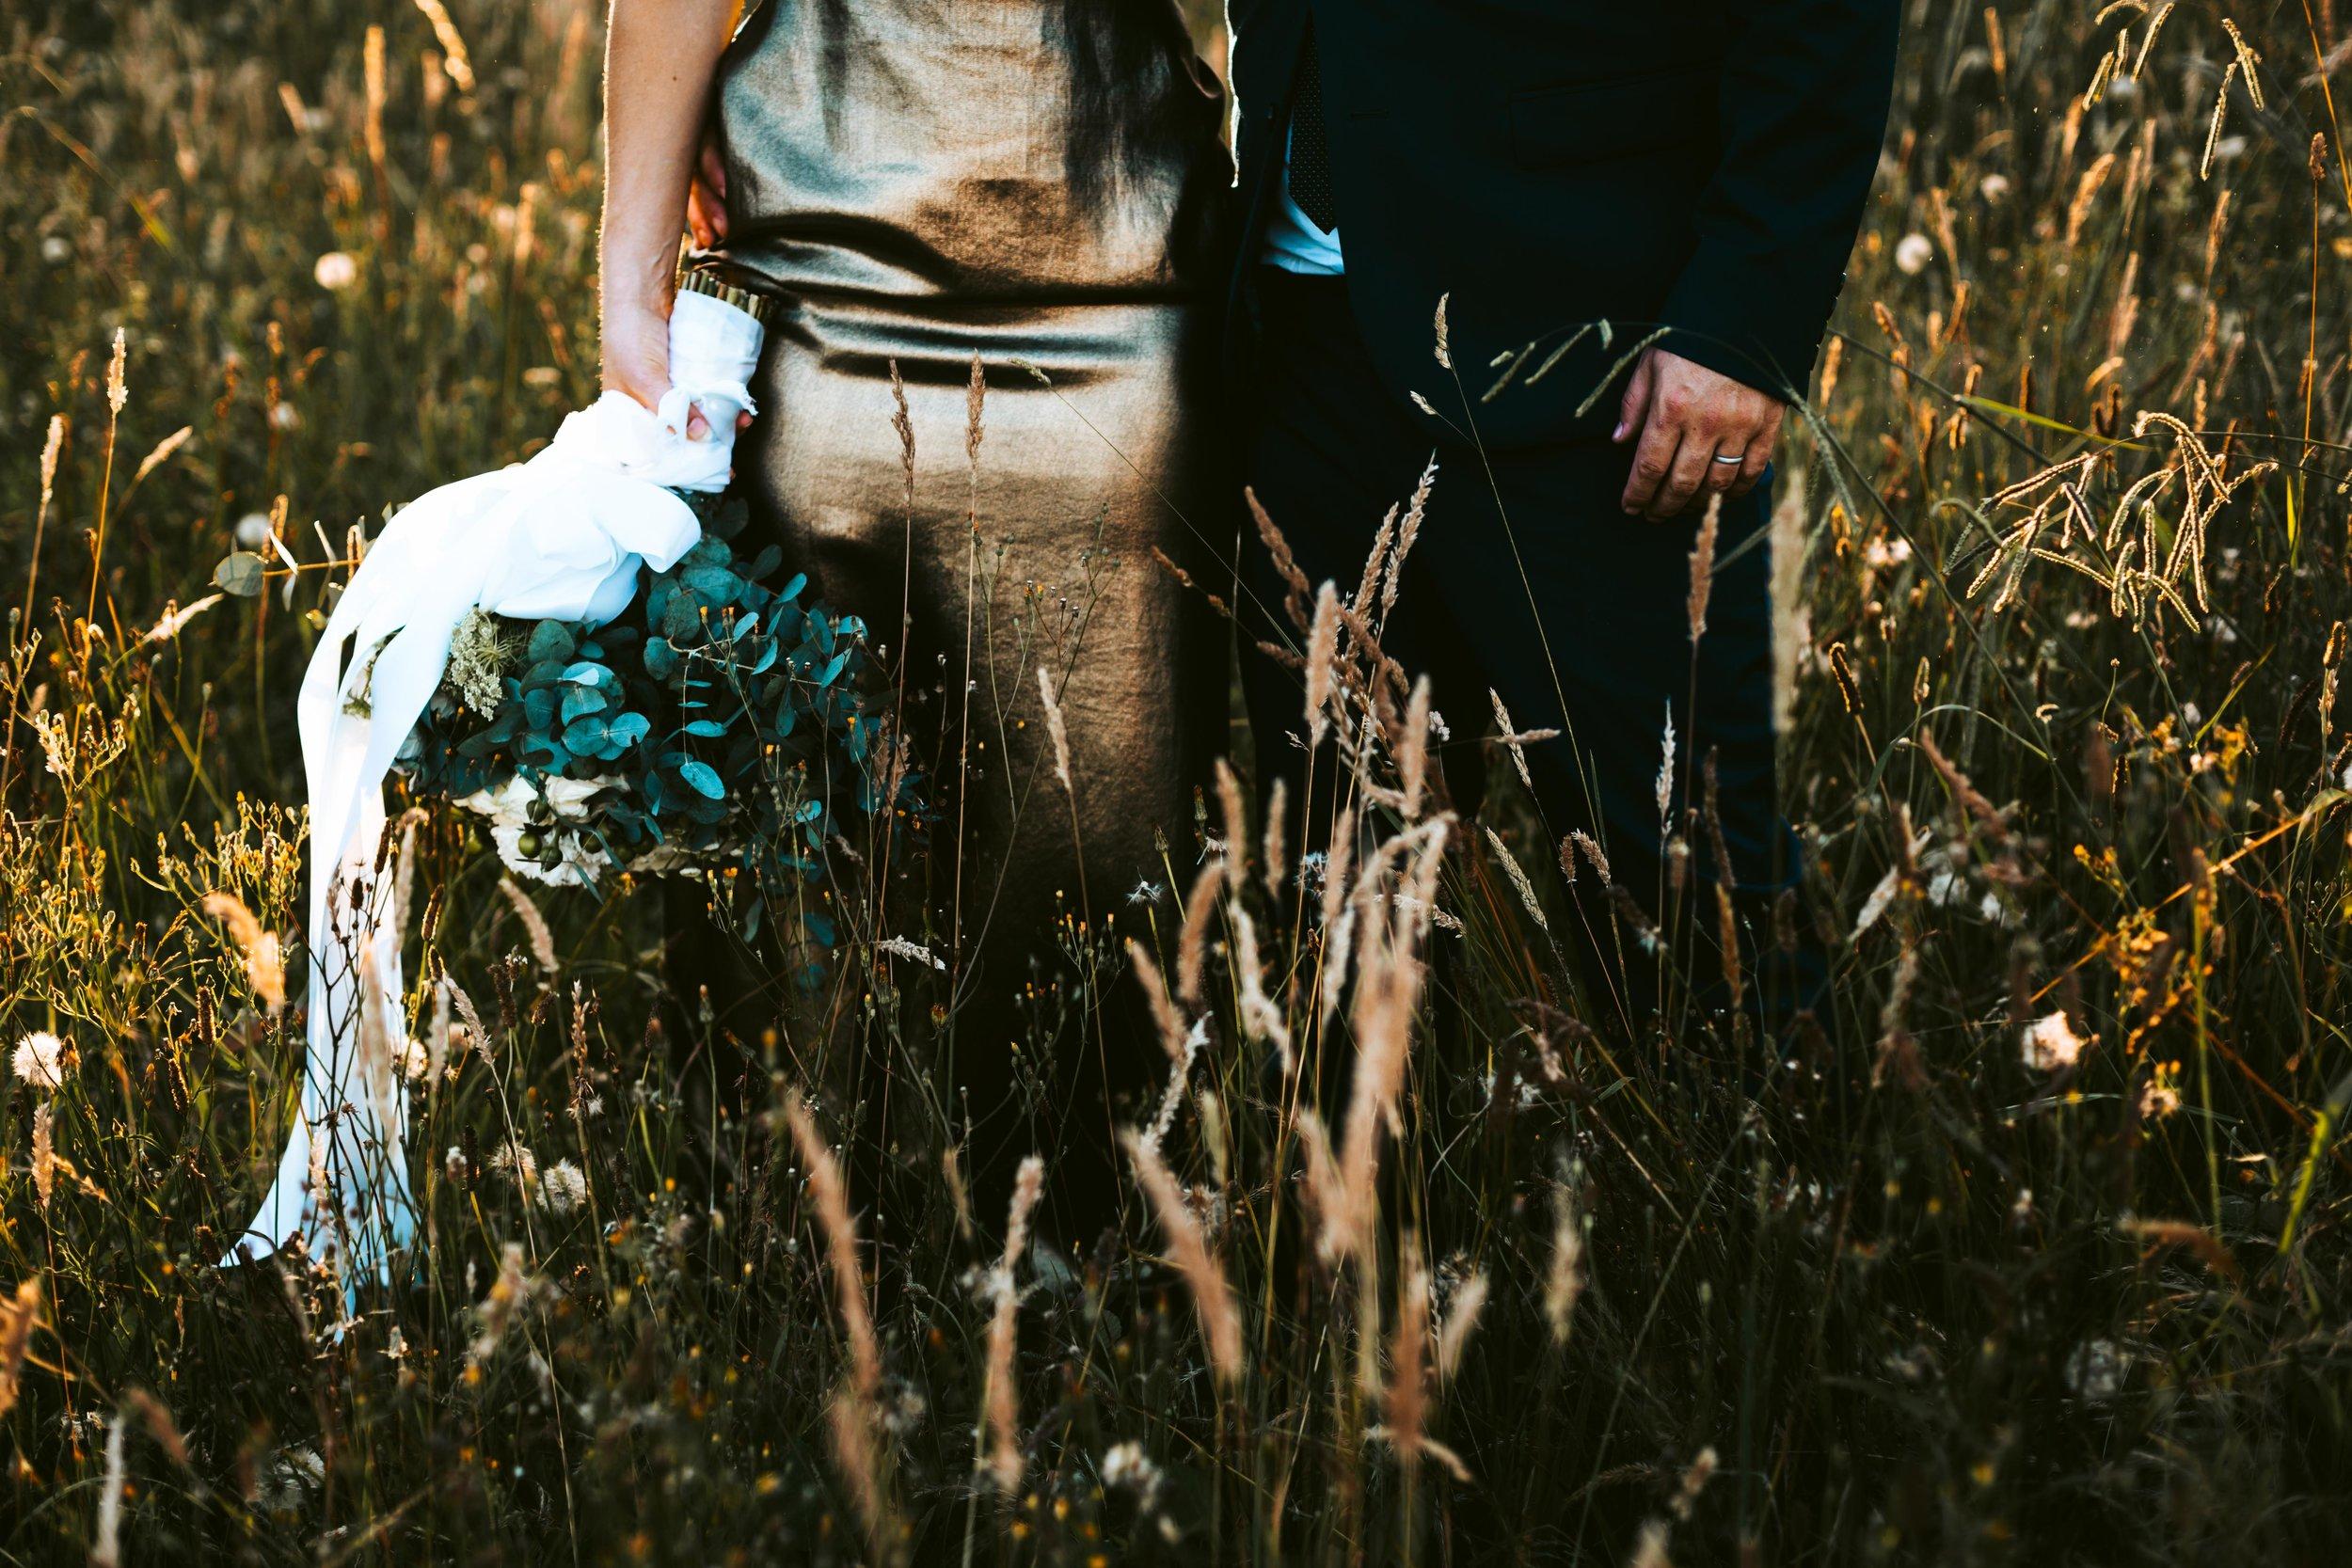 Lauren&Jarrod_weddingSMALLRES (682 of 714).jpg